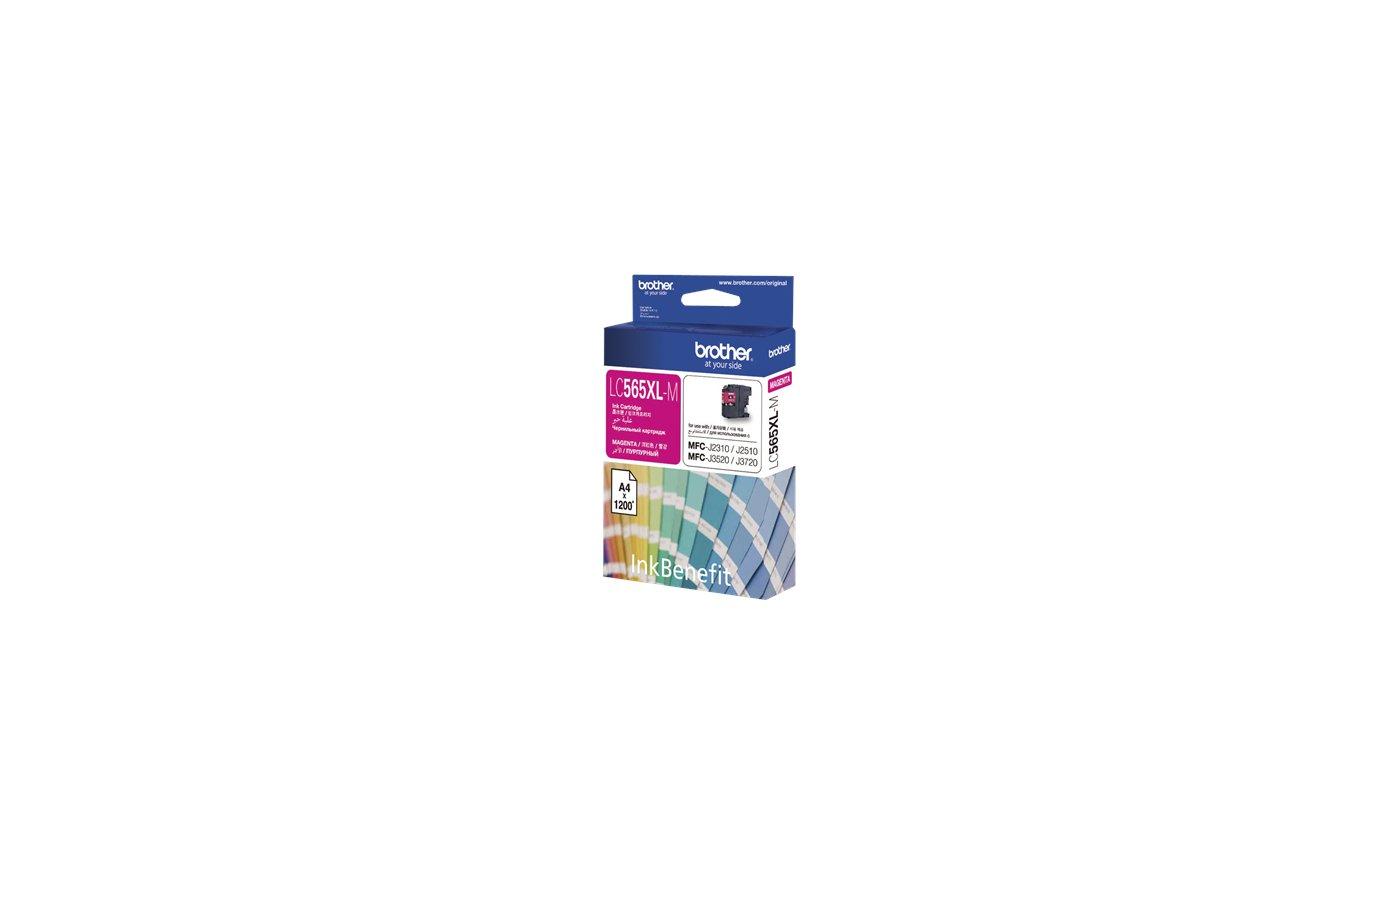 Картридж струйный Brother LC565XL пурпурный повышенной ёмкости для MFC-J2310, MFC-J2510 (1200 стр.)